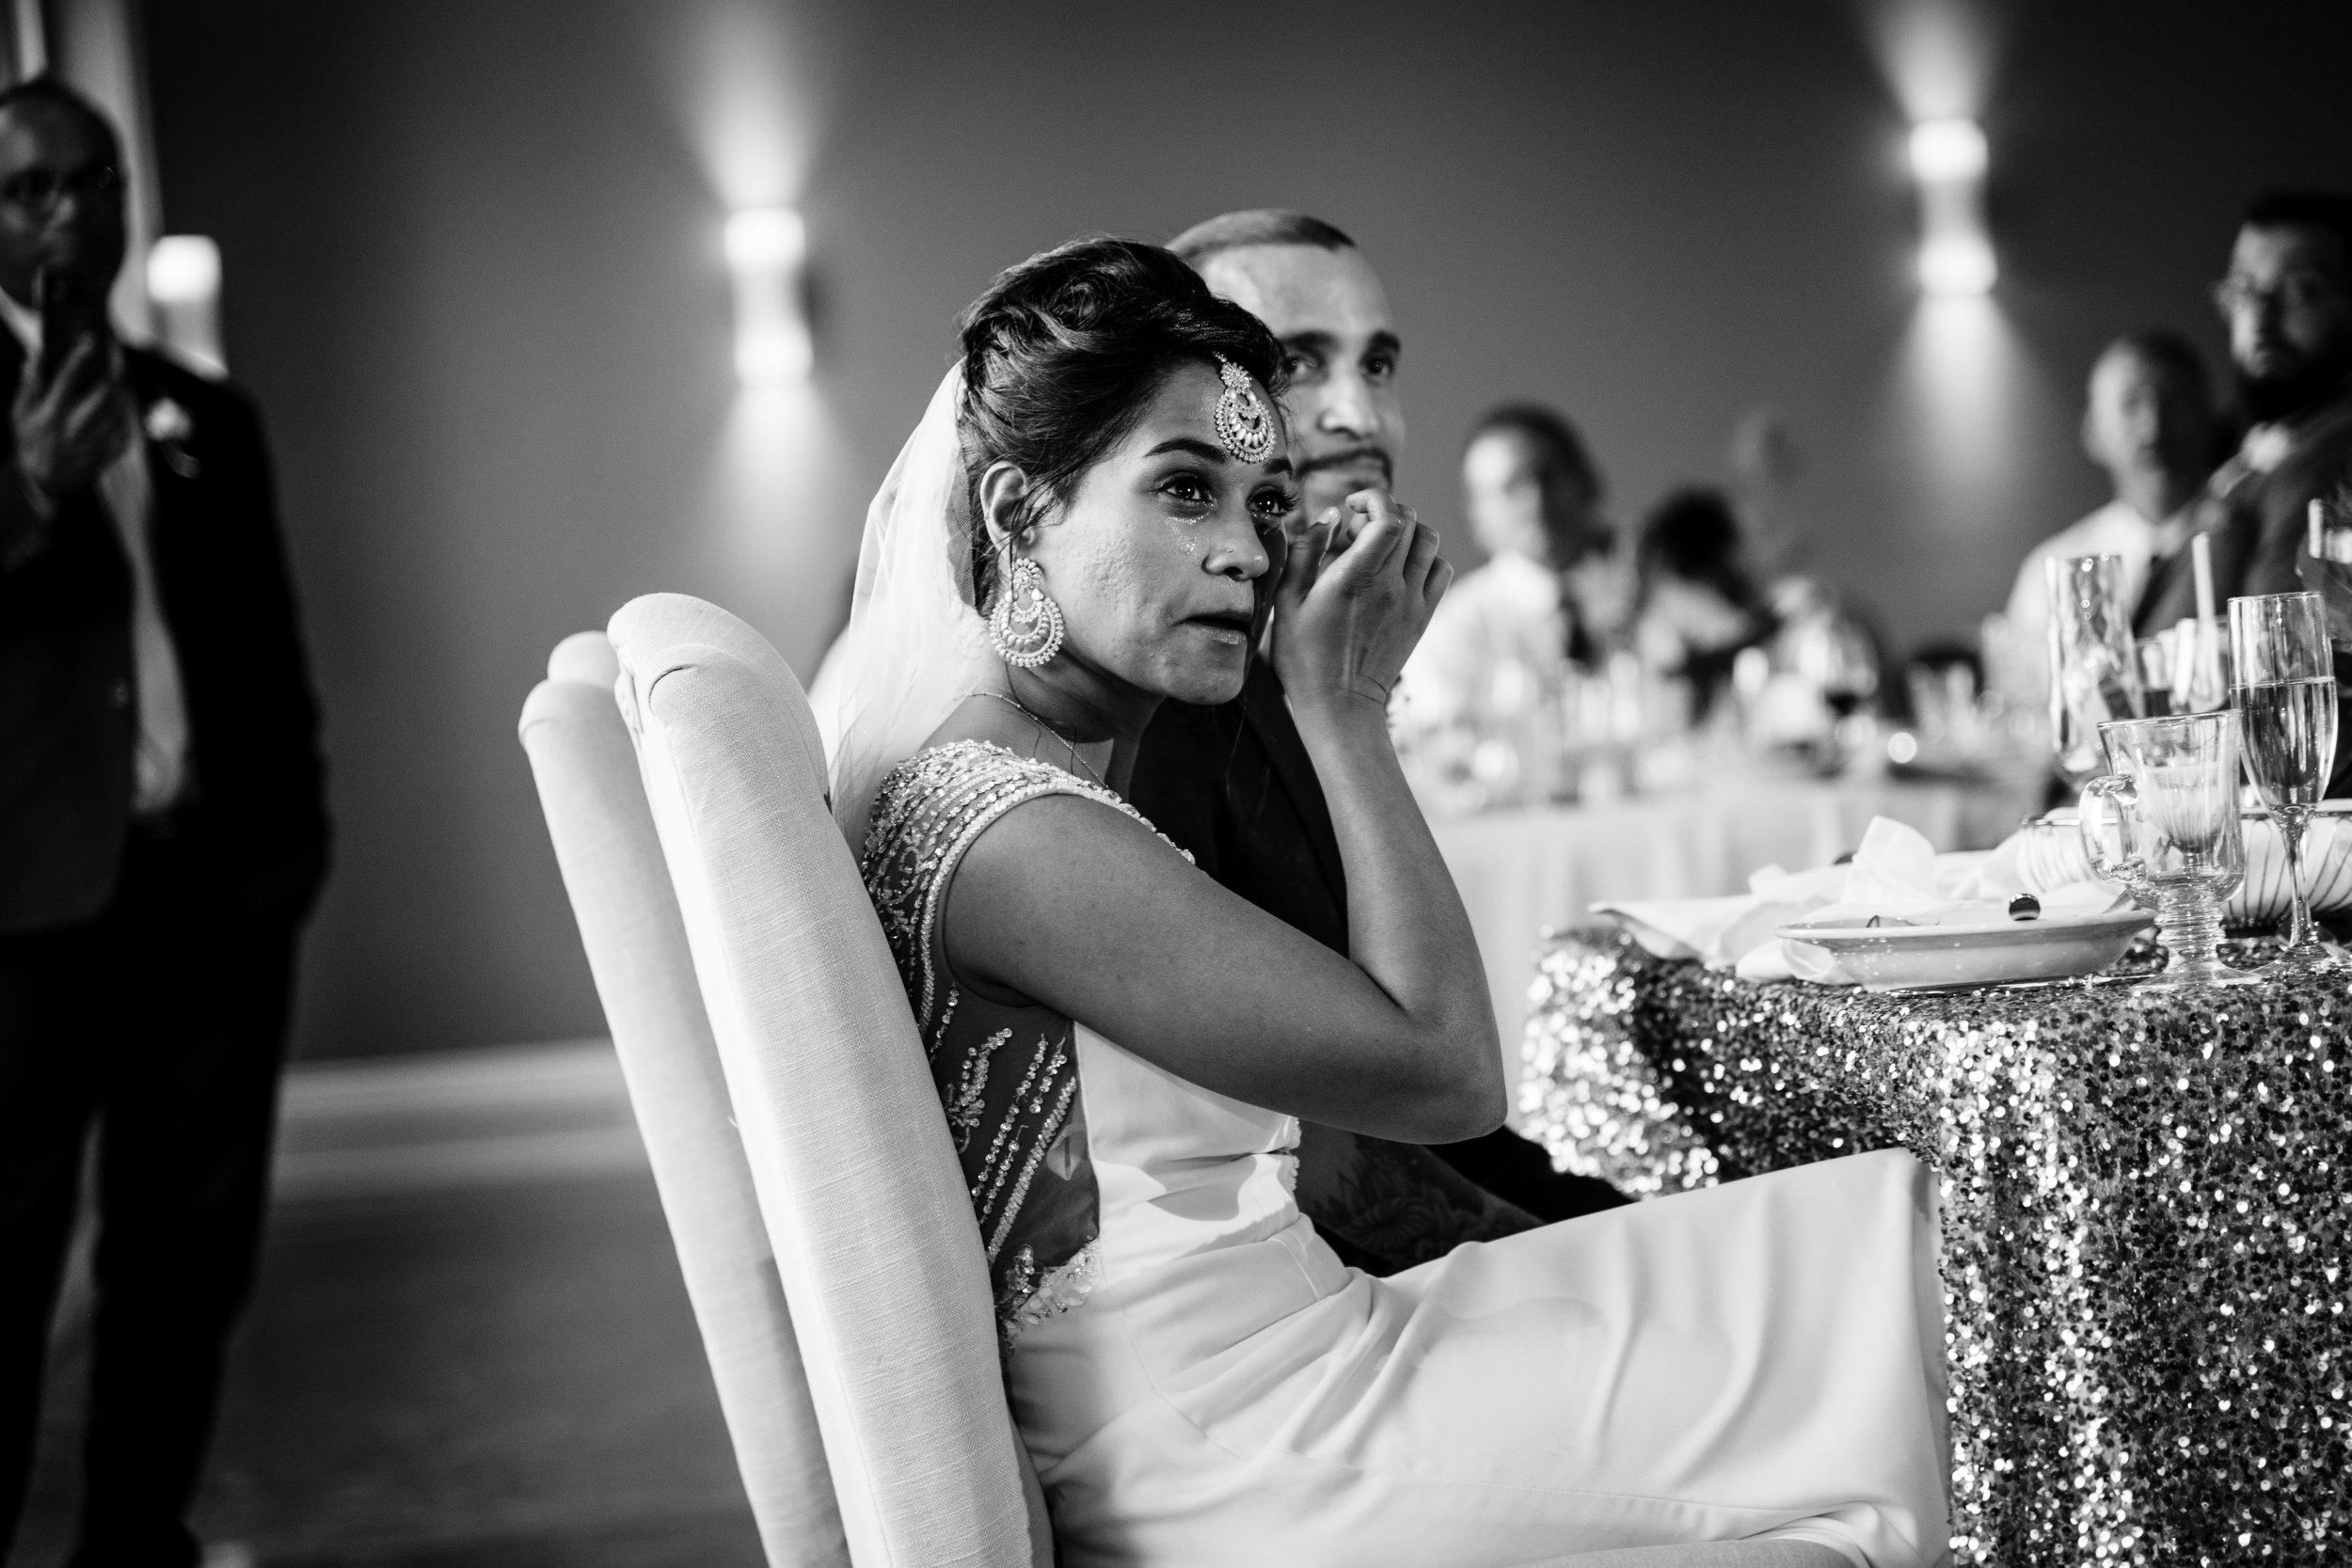 emotional speech photo at a wedding